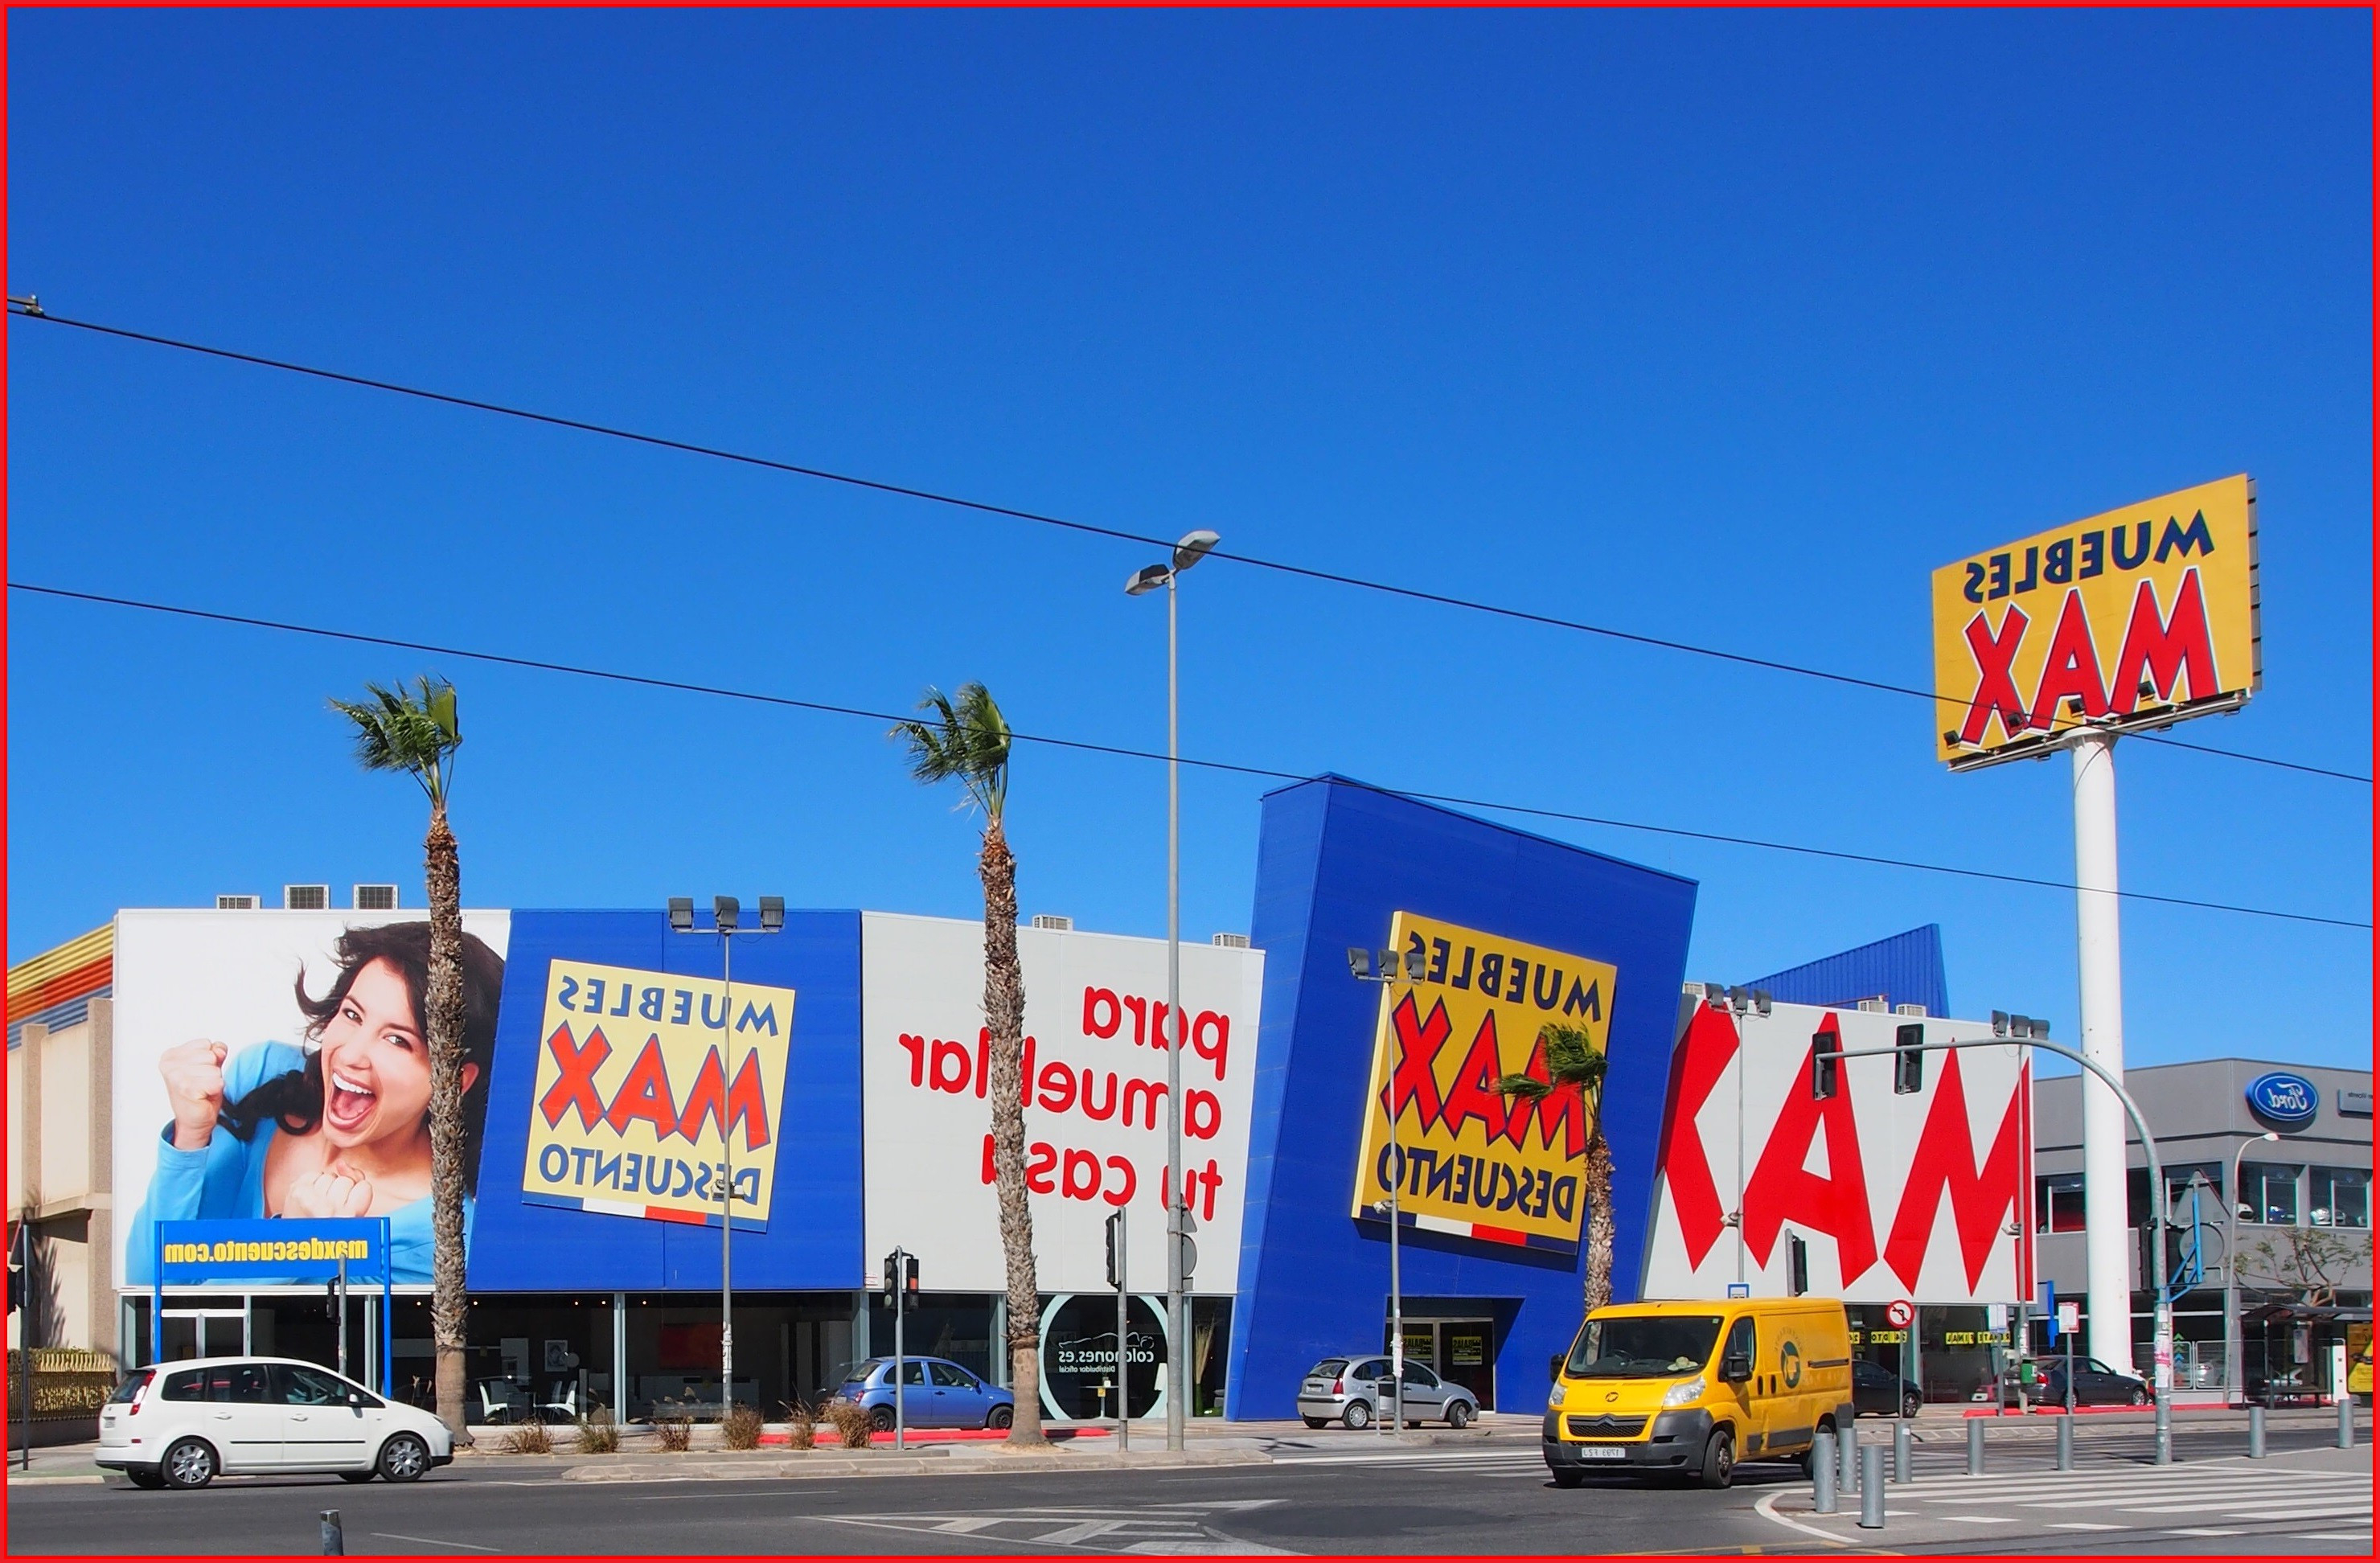 Tiendas Muebles Alicante D0dg Tienda Muebles Alicante Tiendas De Muebles Alicante Tiendas